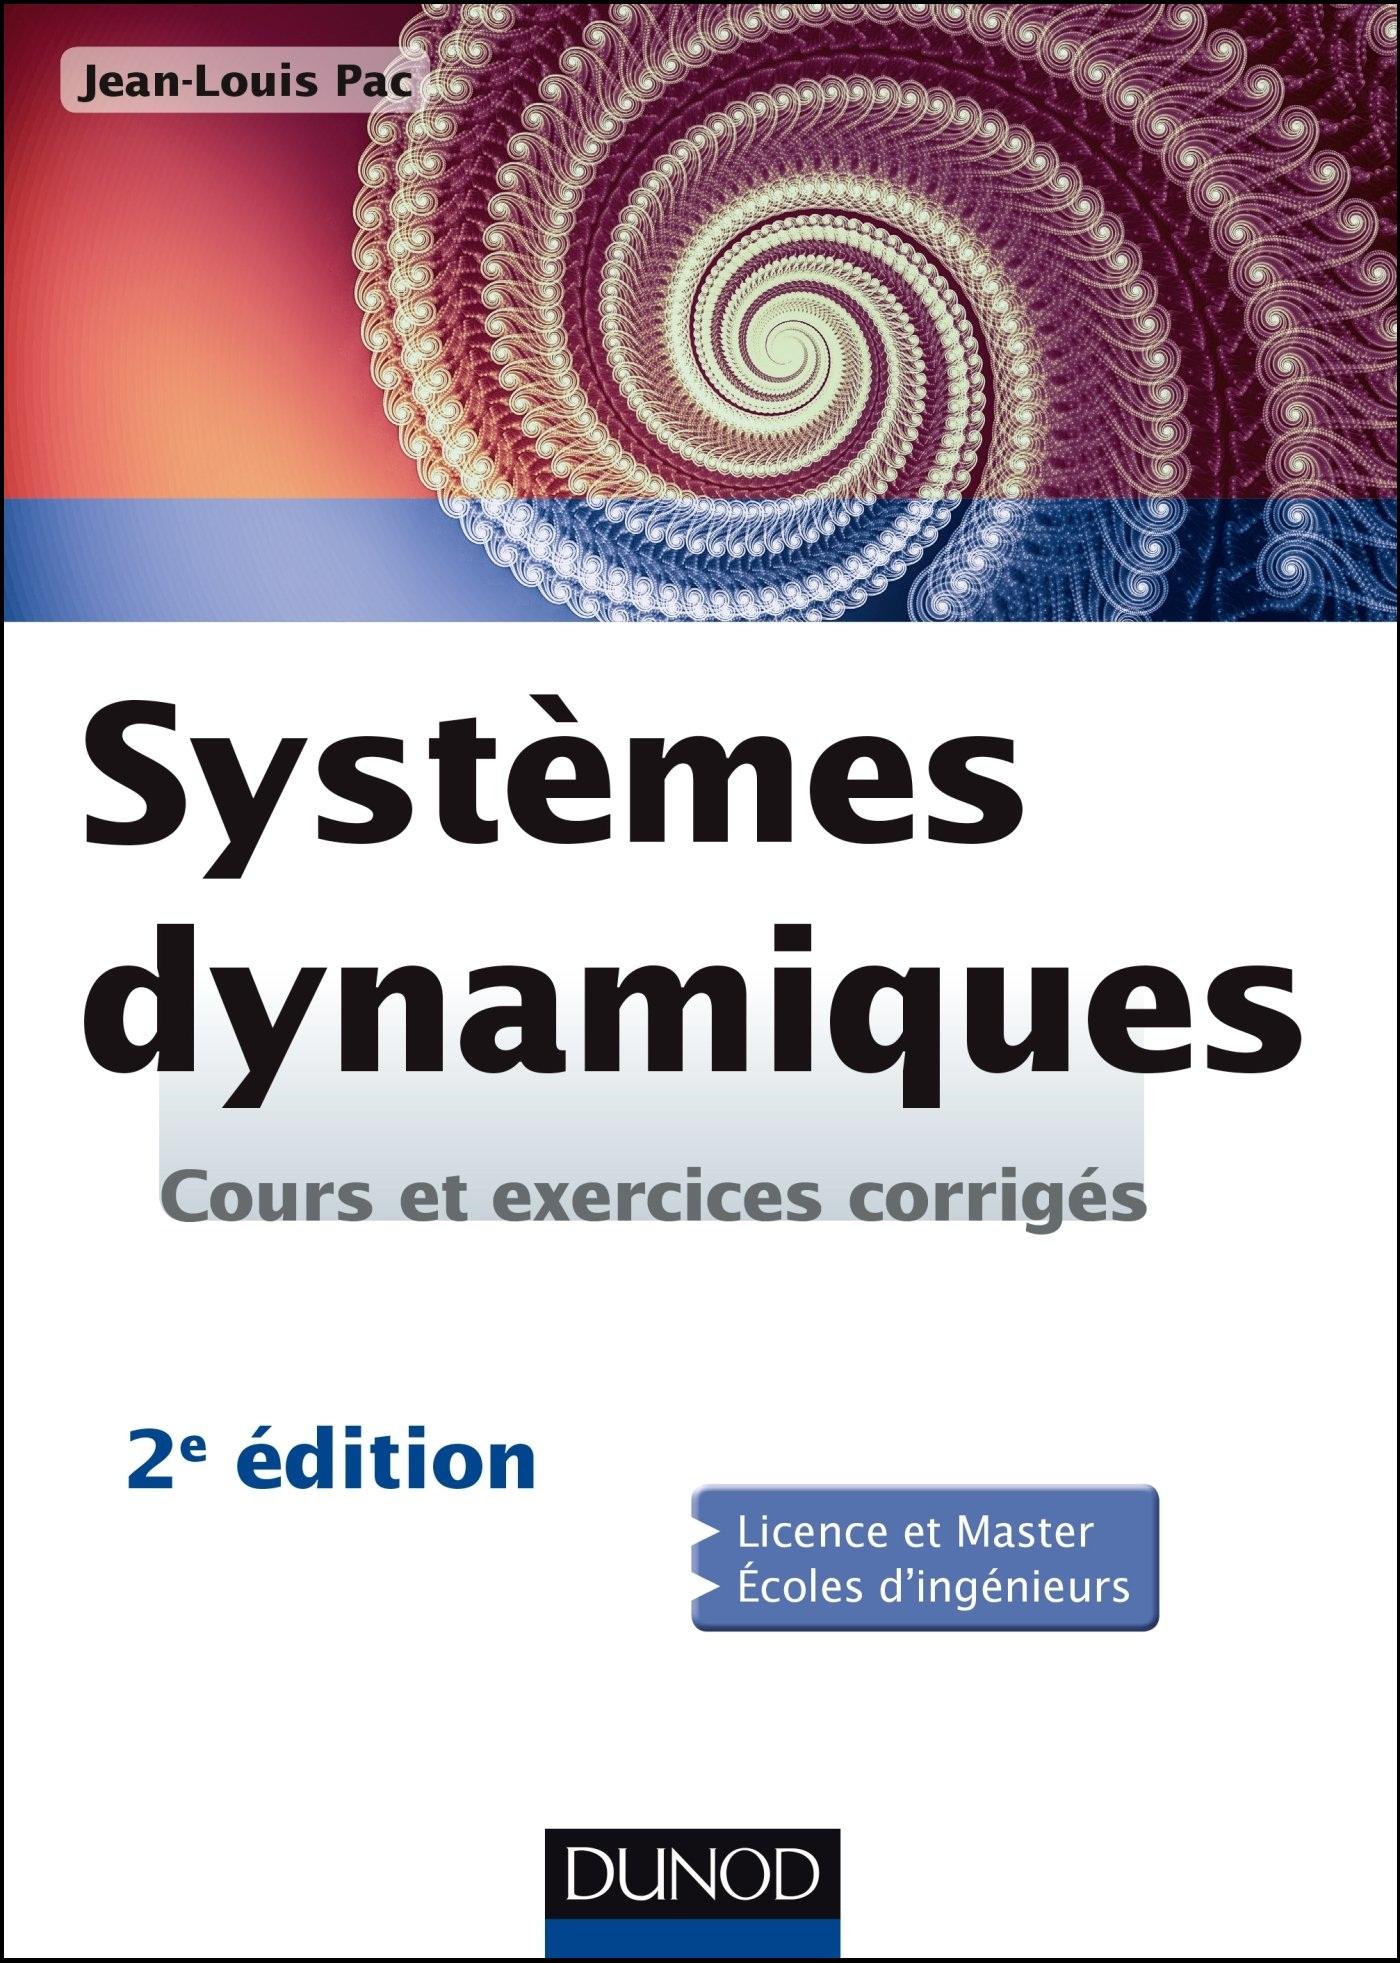 Systèmes dynamiques : Cours et exercices corrigés